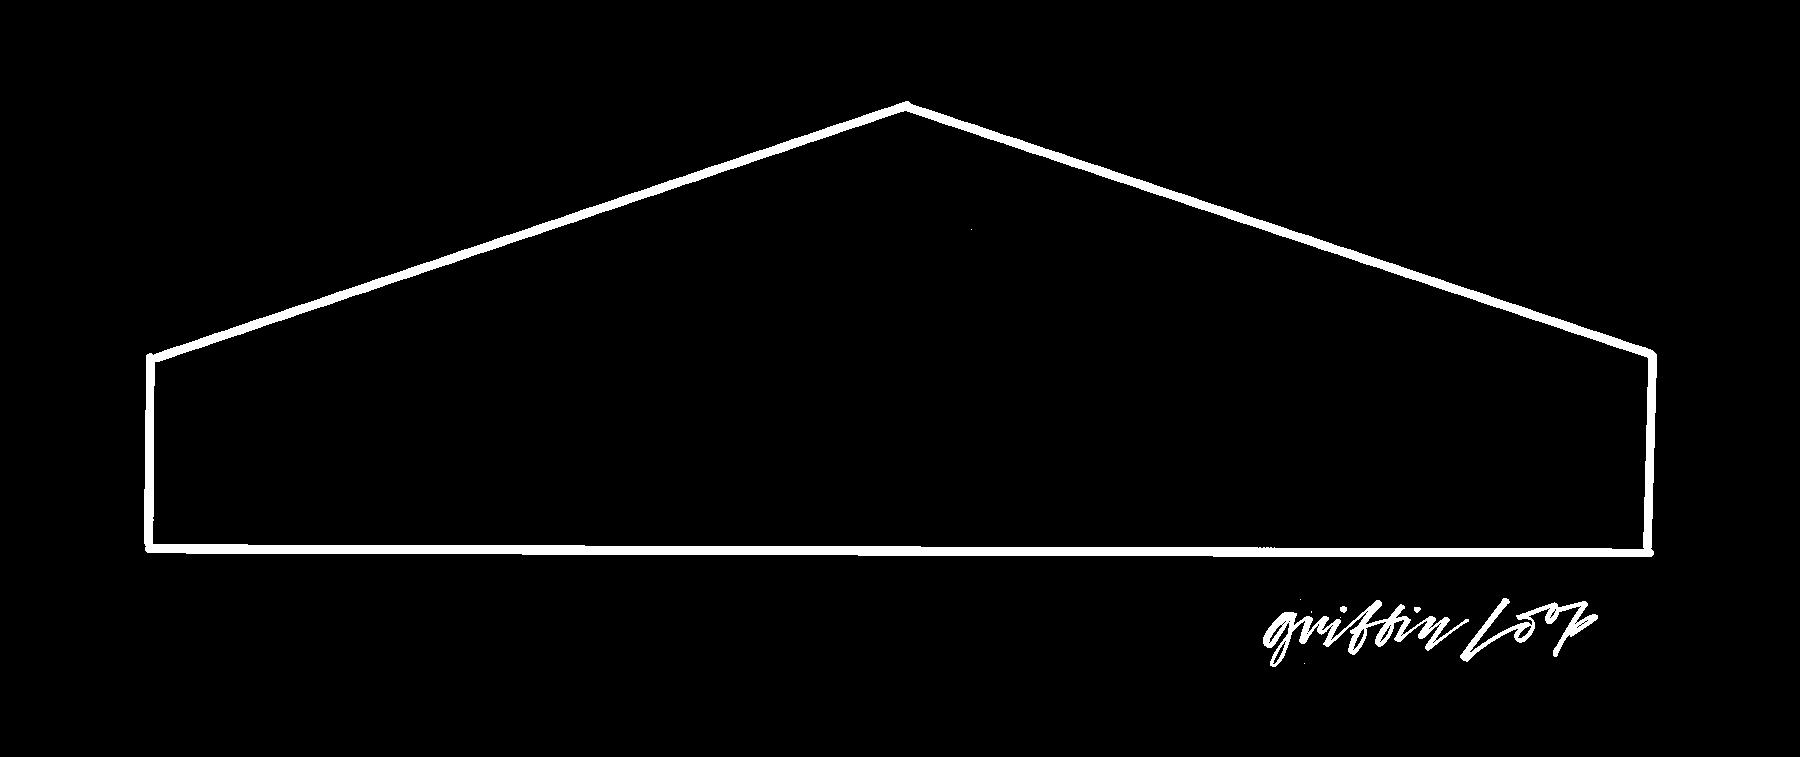 Griffin Loop Studio Logo